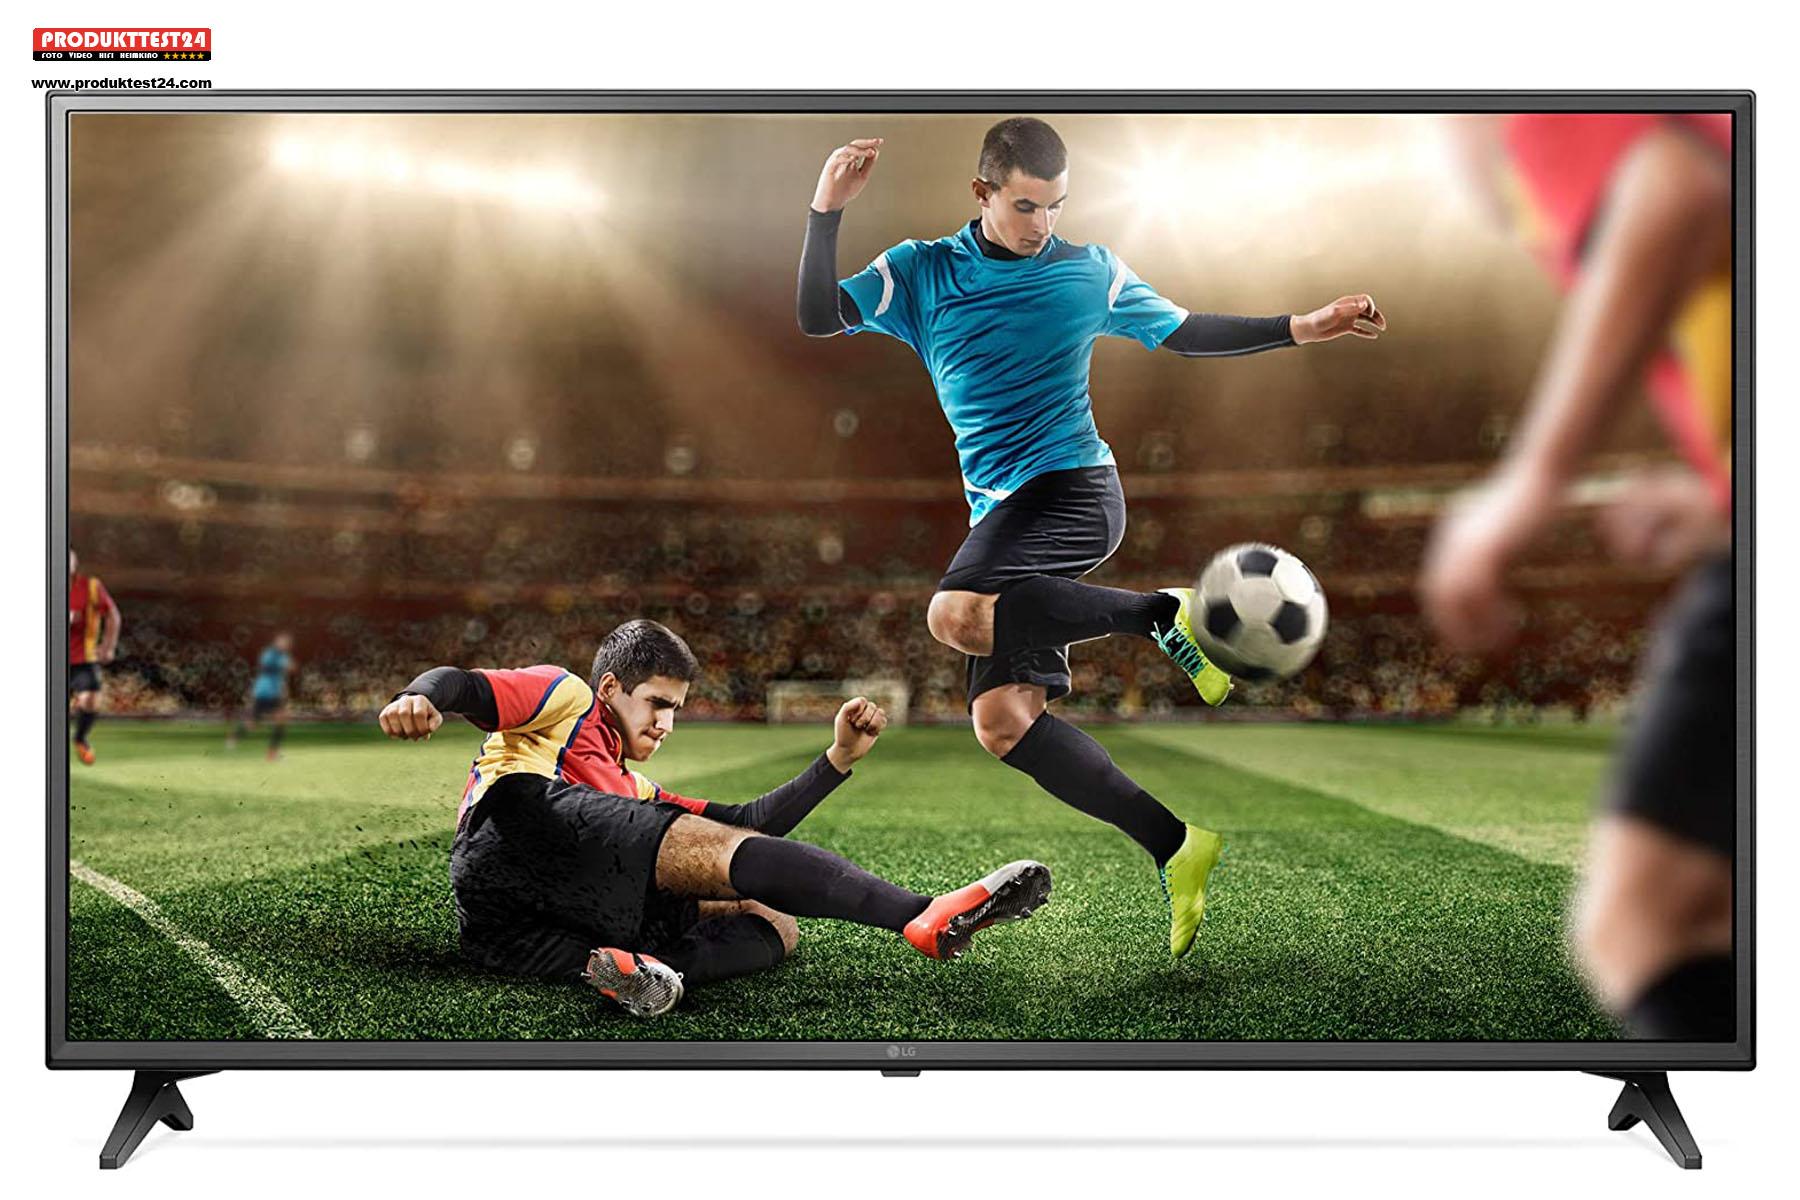 LG 43UM7050PLF - mit SmartTV, Triple Tuner und Alexa Sprachsteuerung (optional)